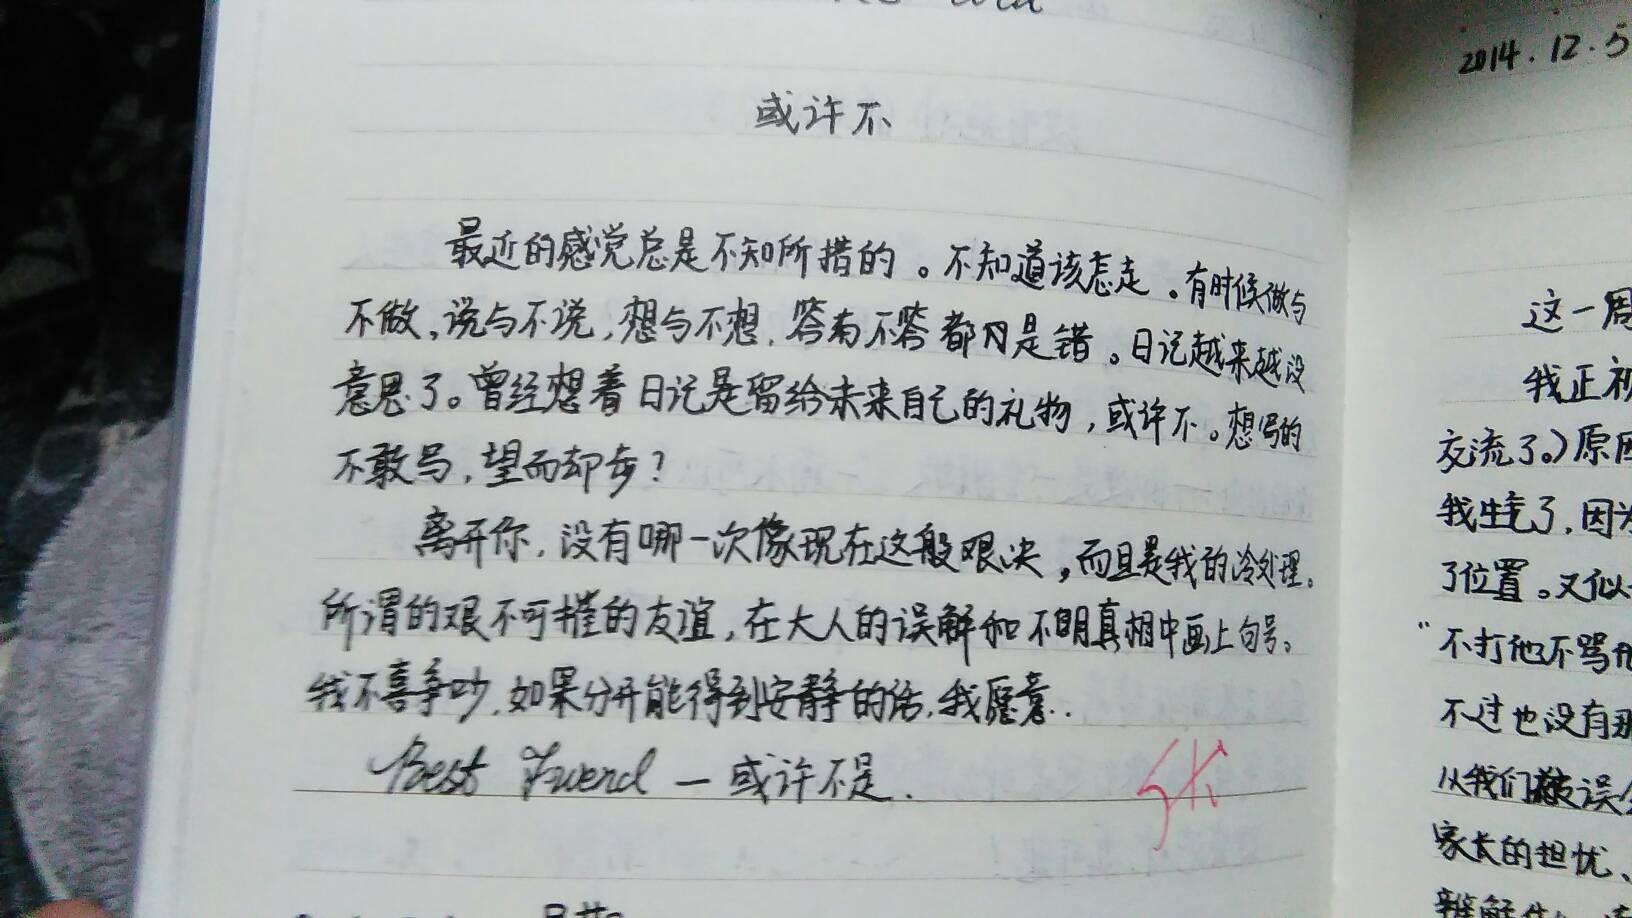 日记600字大全初一_初一寒假200字左右日记10篇,不要除夕,春节,春天的,急